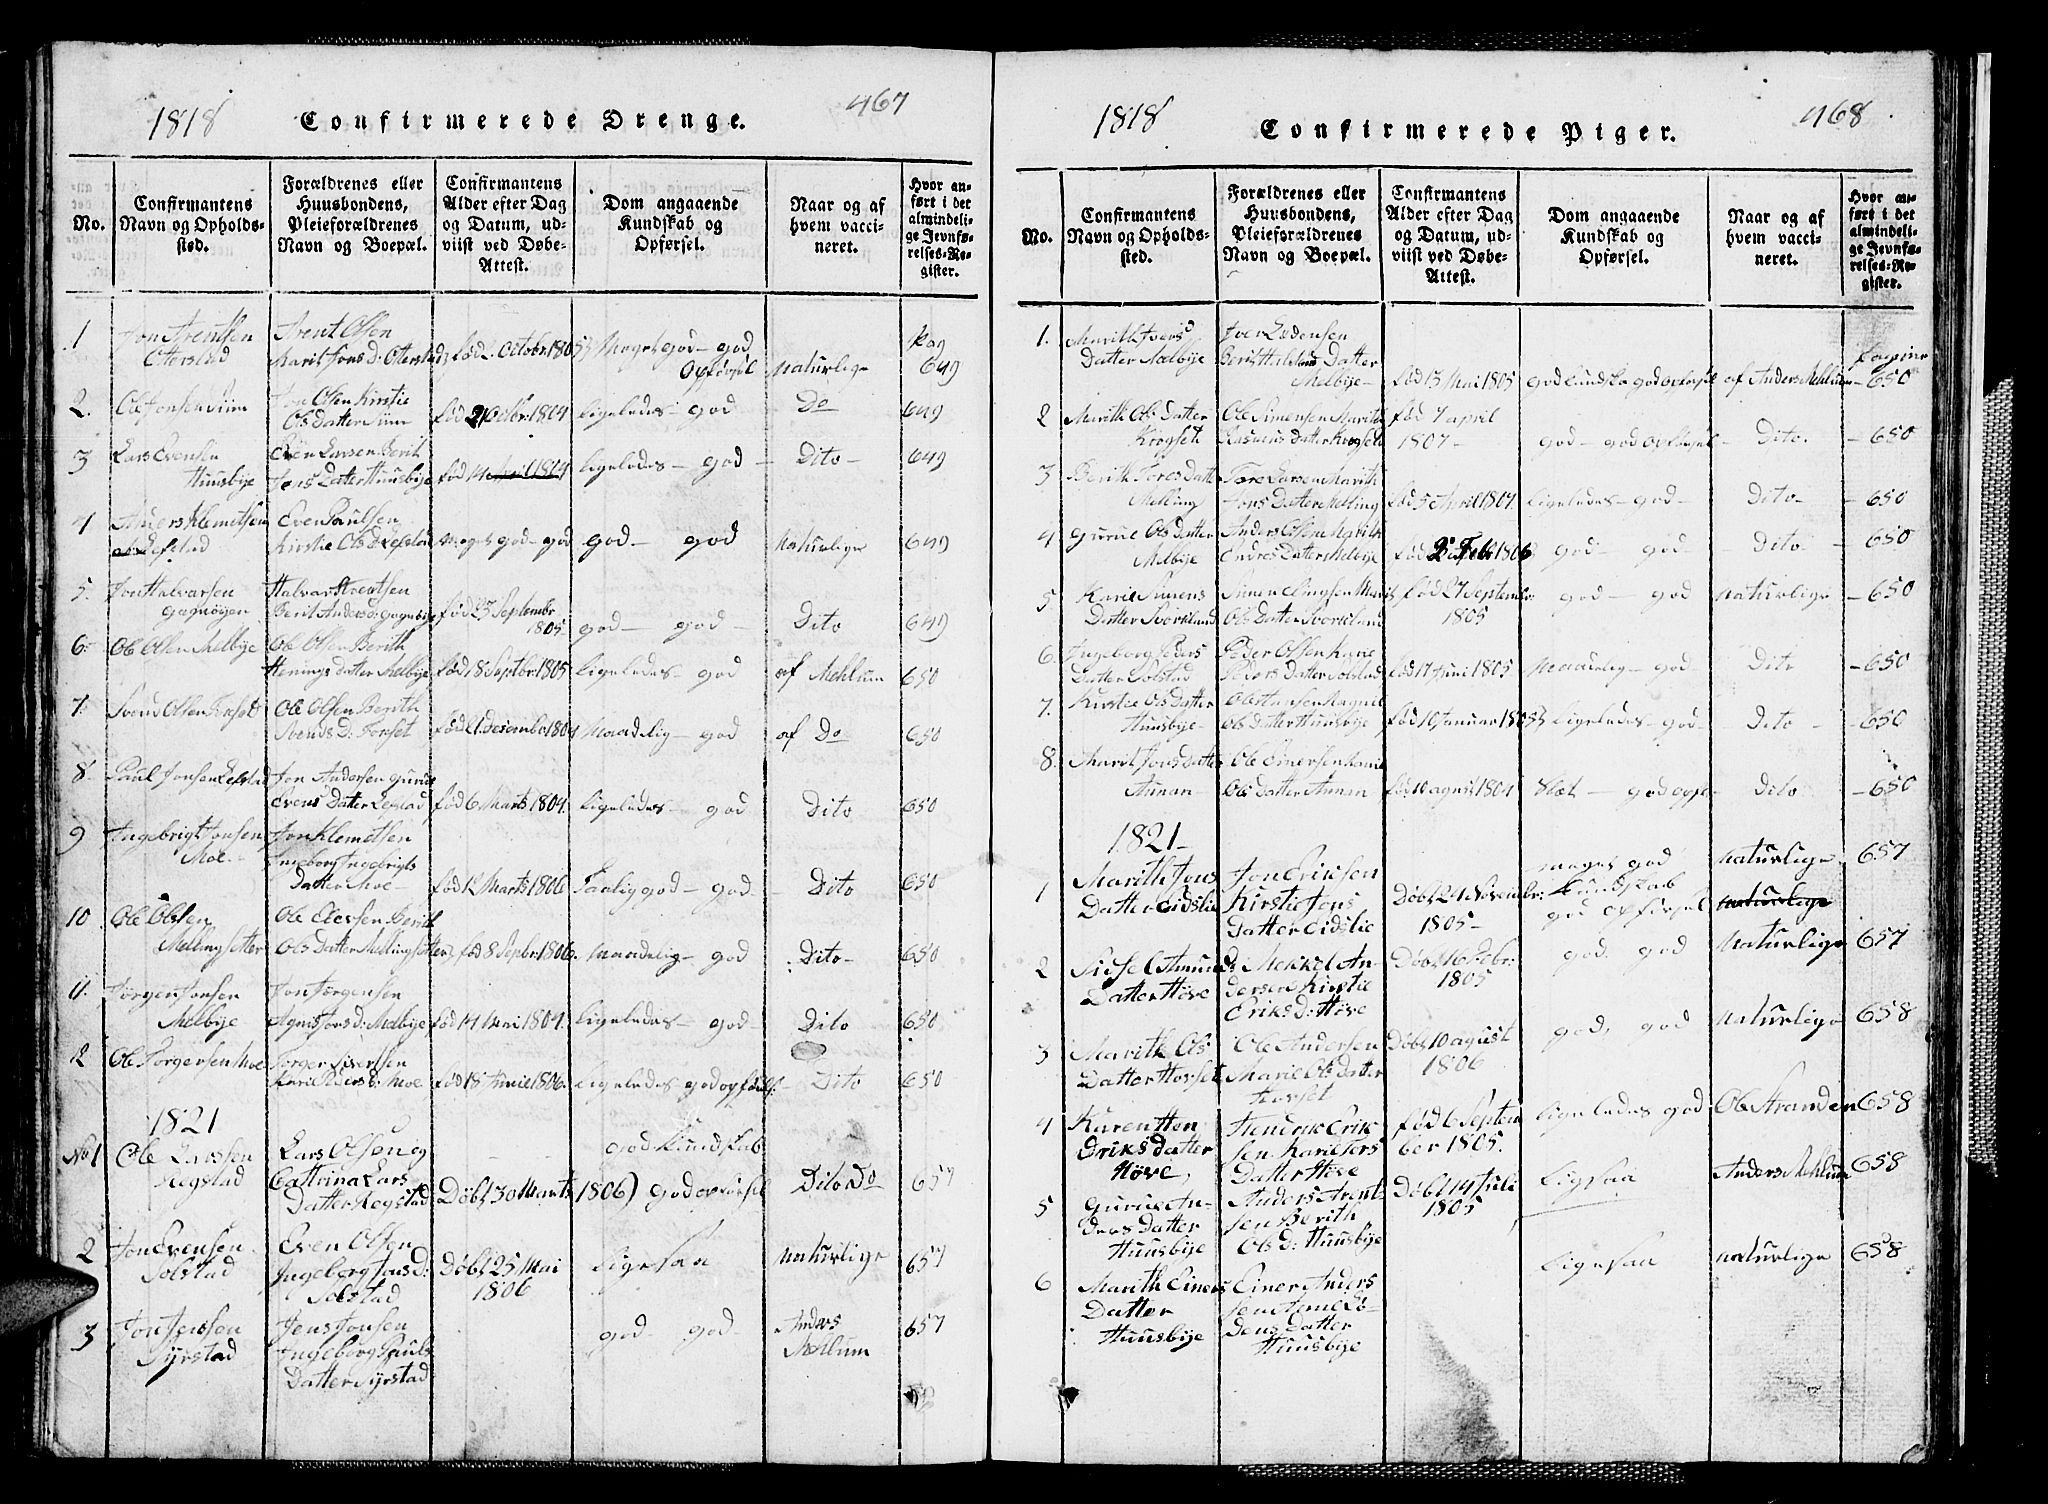 SAT, Ministerialprotokoller, klokkerbøker og fødselsregistre - Sør-Trøndelag, 667/L0796: Klokkerbok nr. 667C01, 1817-1836, s. 467-468